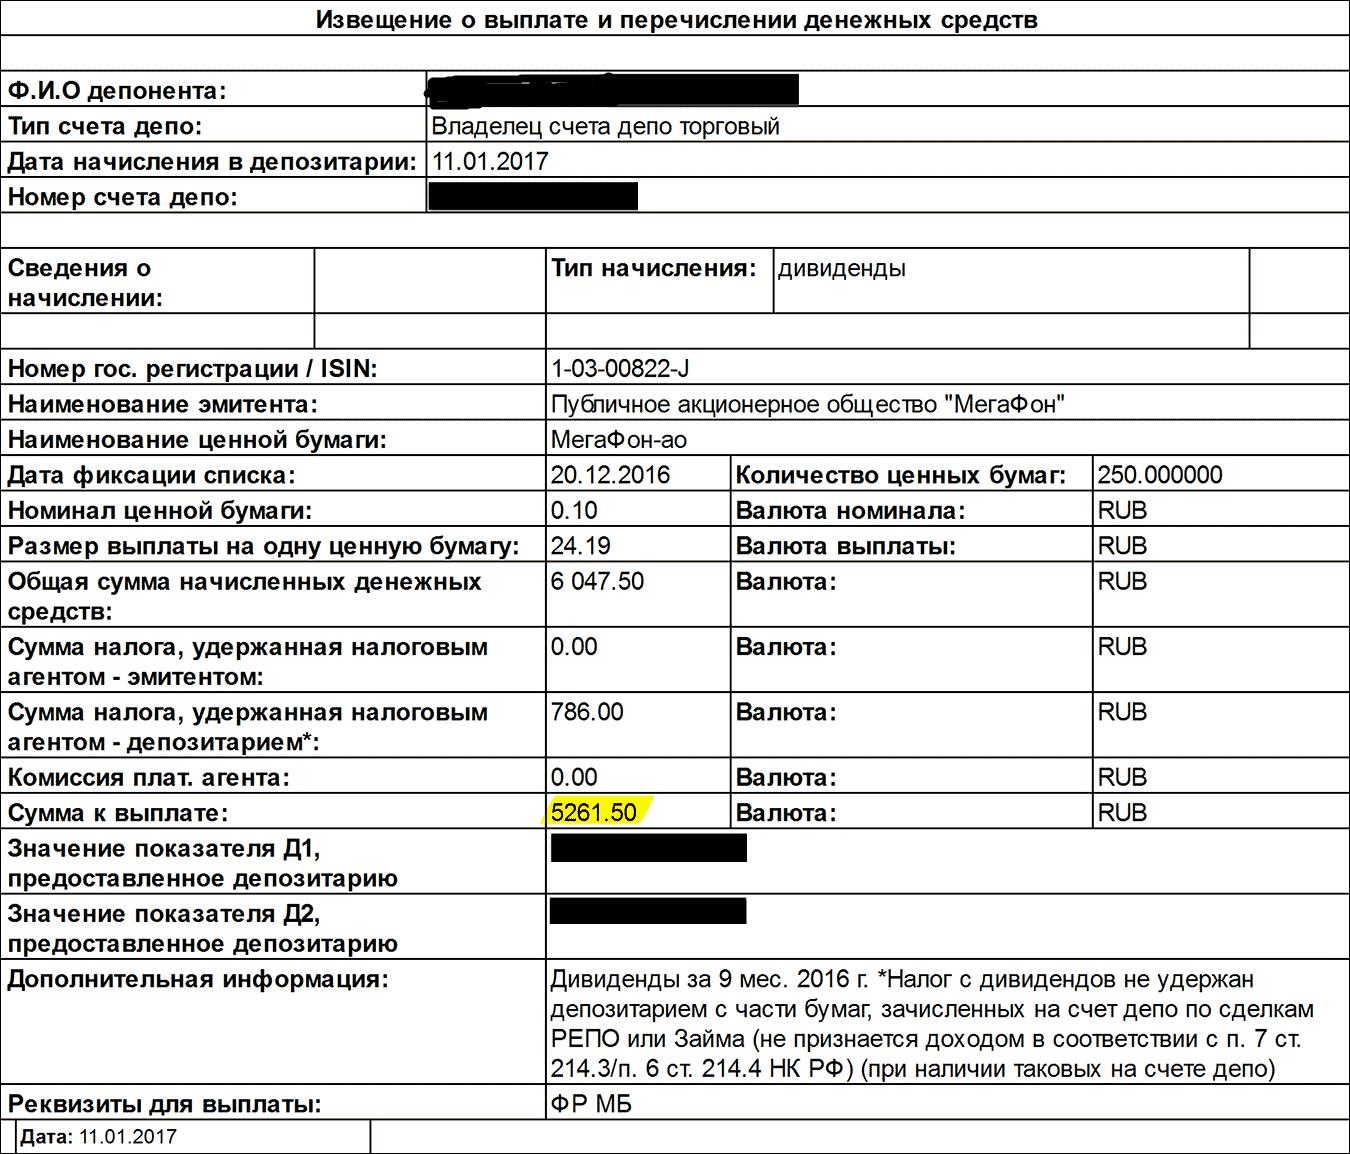 Дата выплат ближайших дивиендов н.никеля